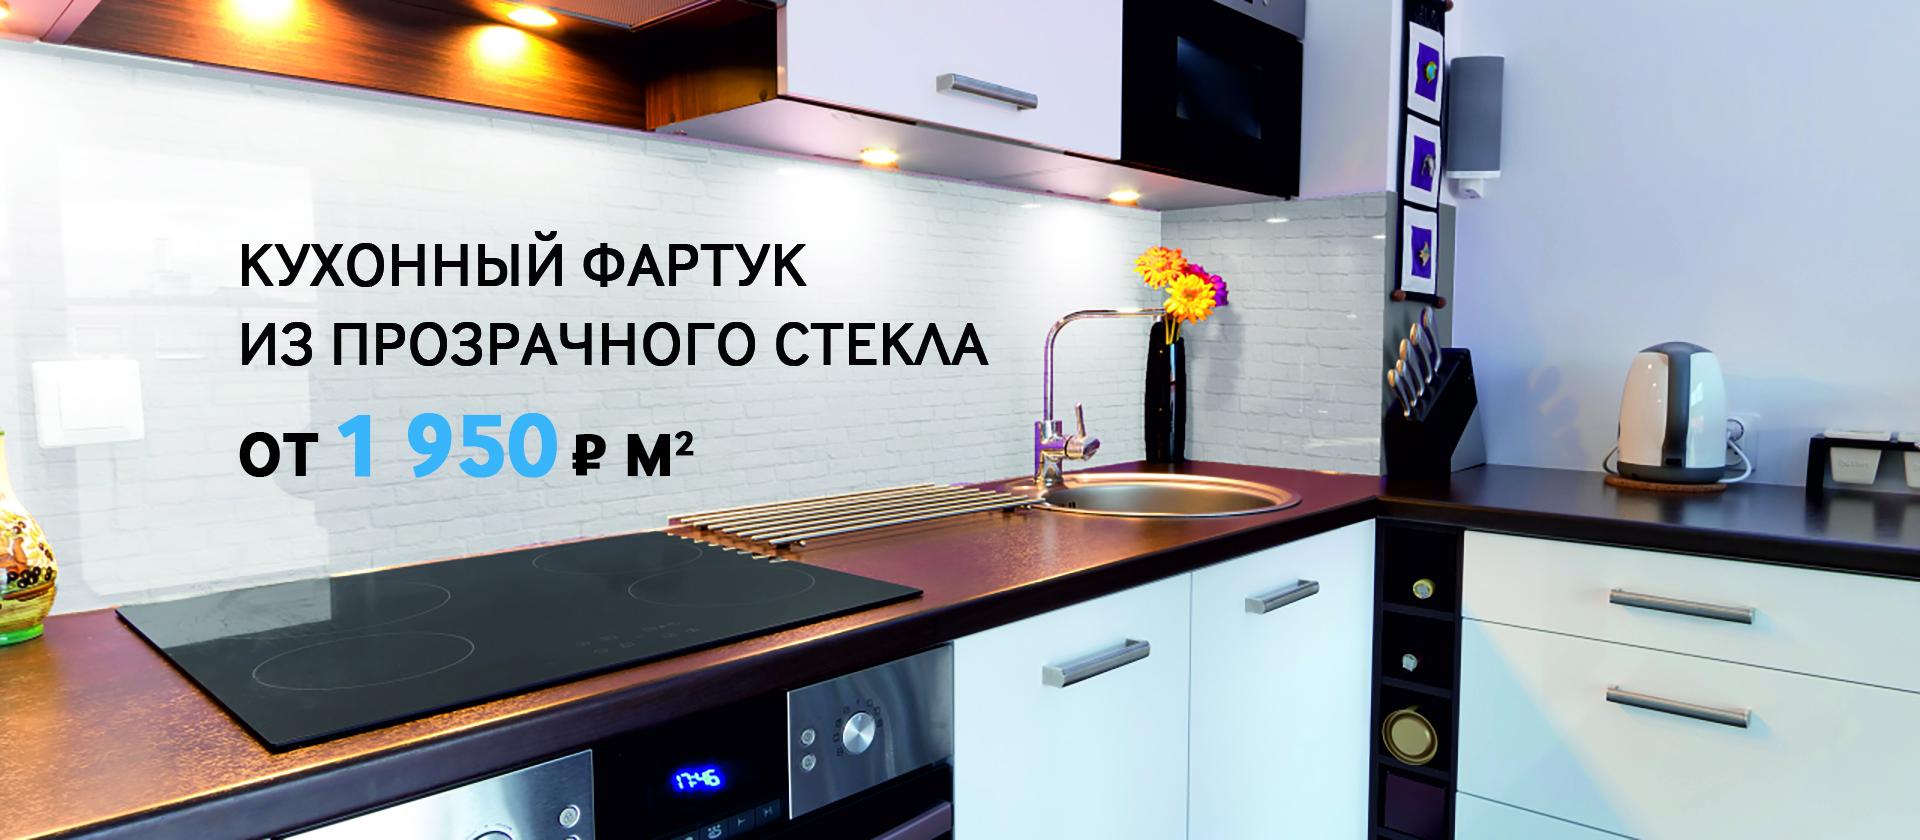 Кухонный фартук от 1950 р.